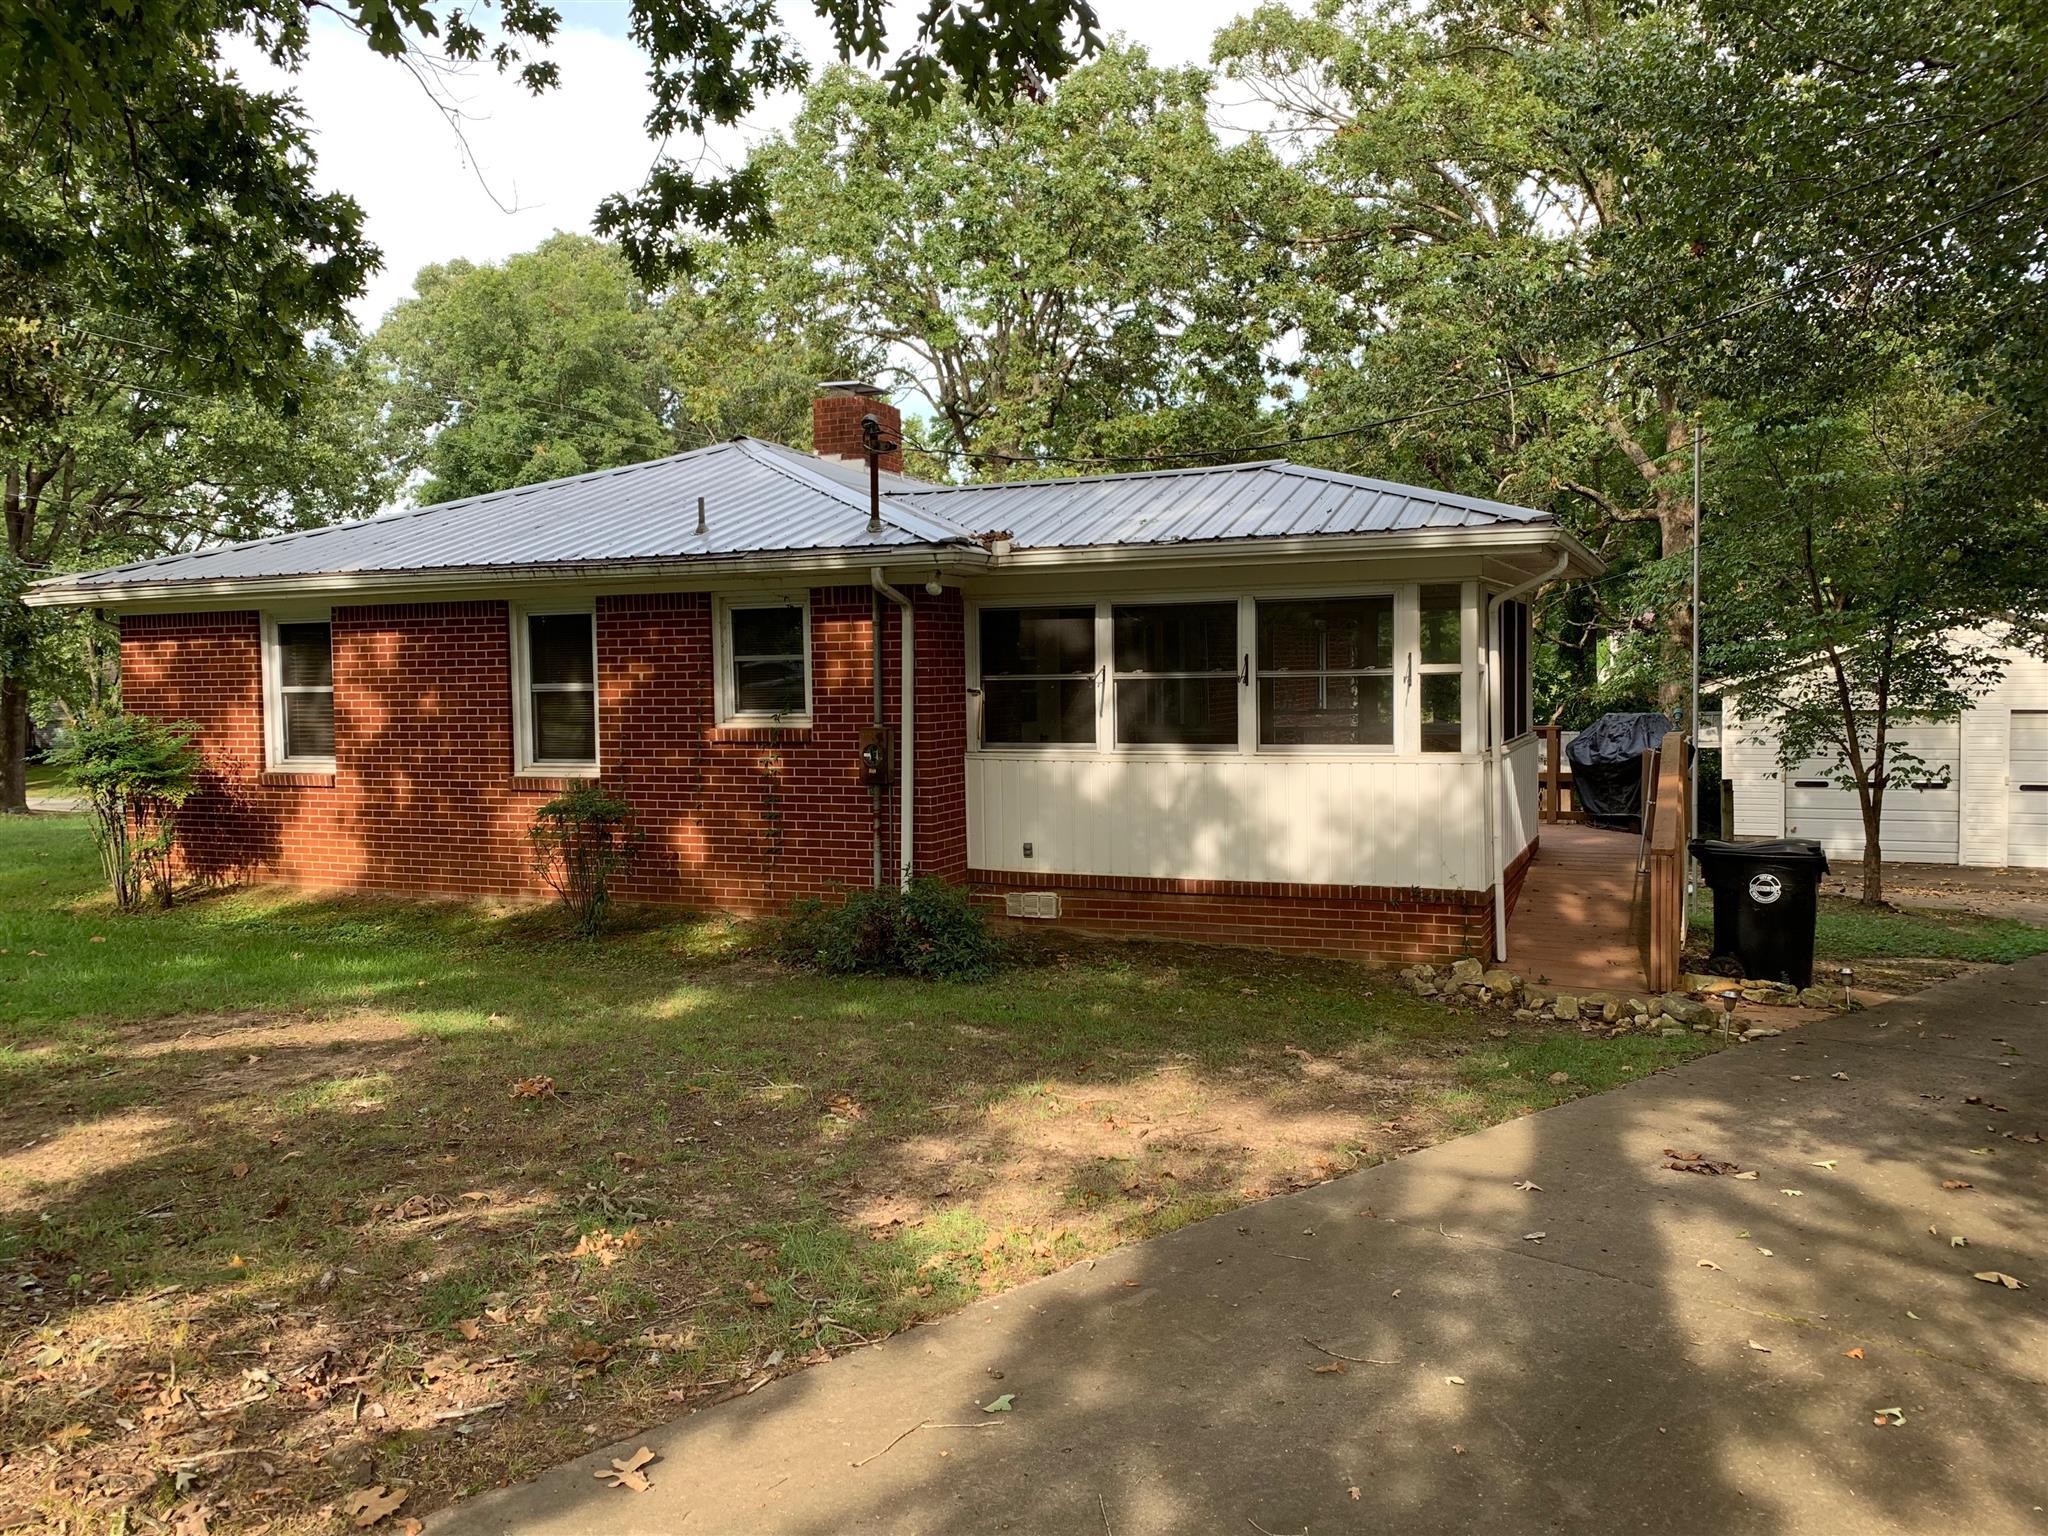 148 Lankford Dr, New Johnsonville, TN 37134 - New Johnsonville, TN real estate listing